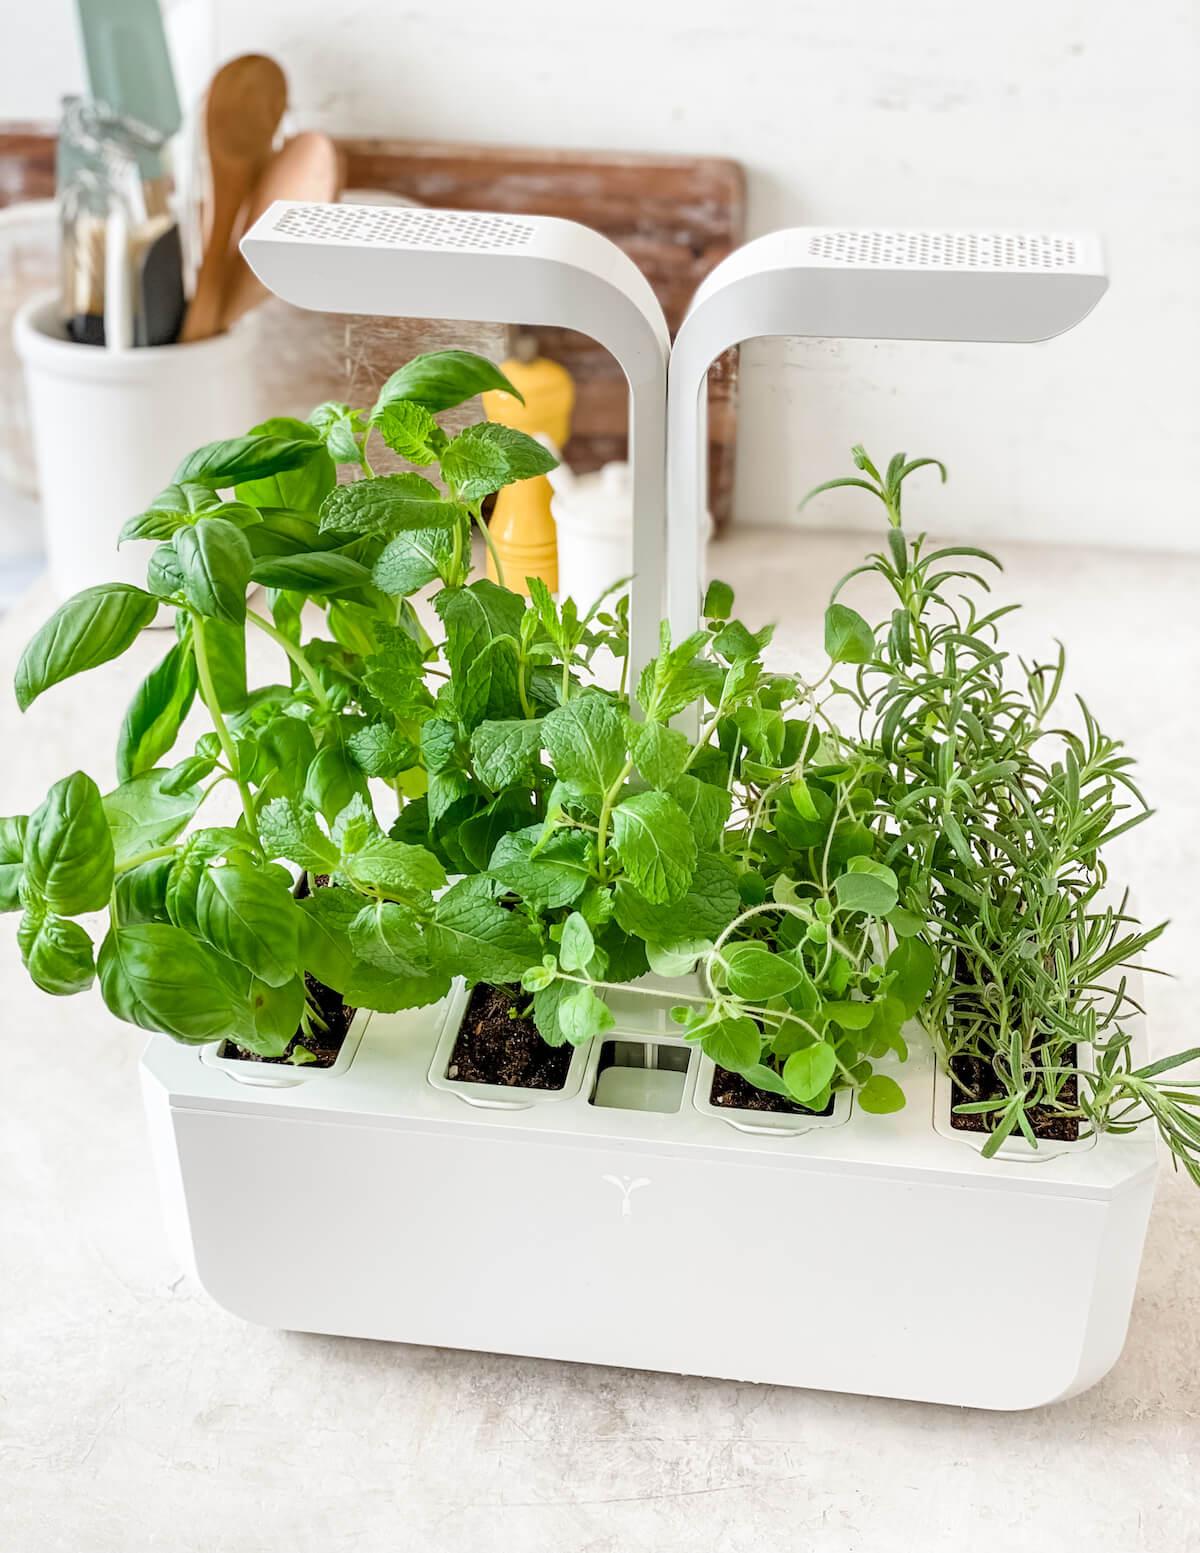 herbs growing in an indoor garden